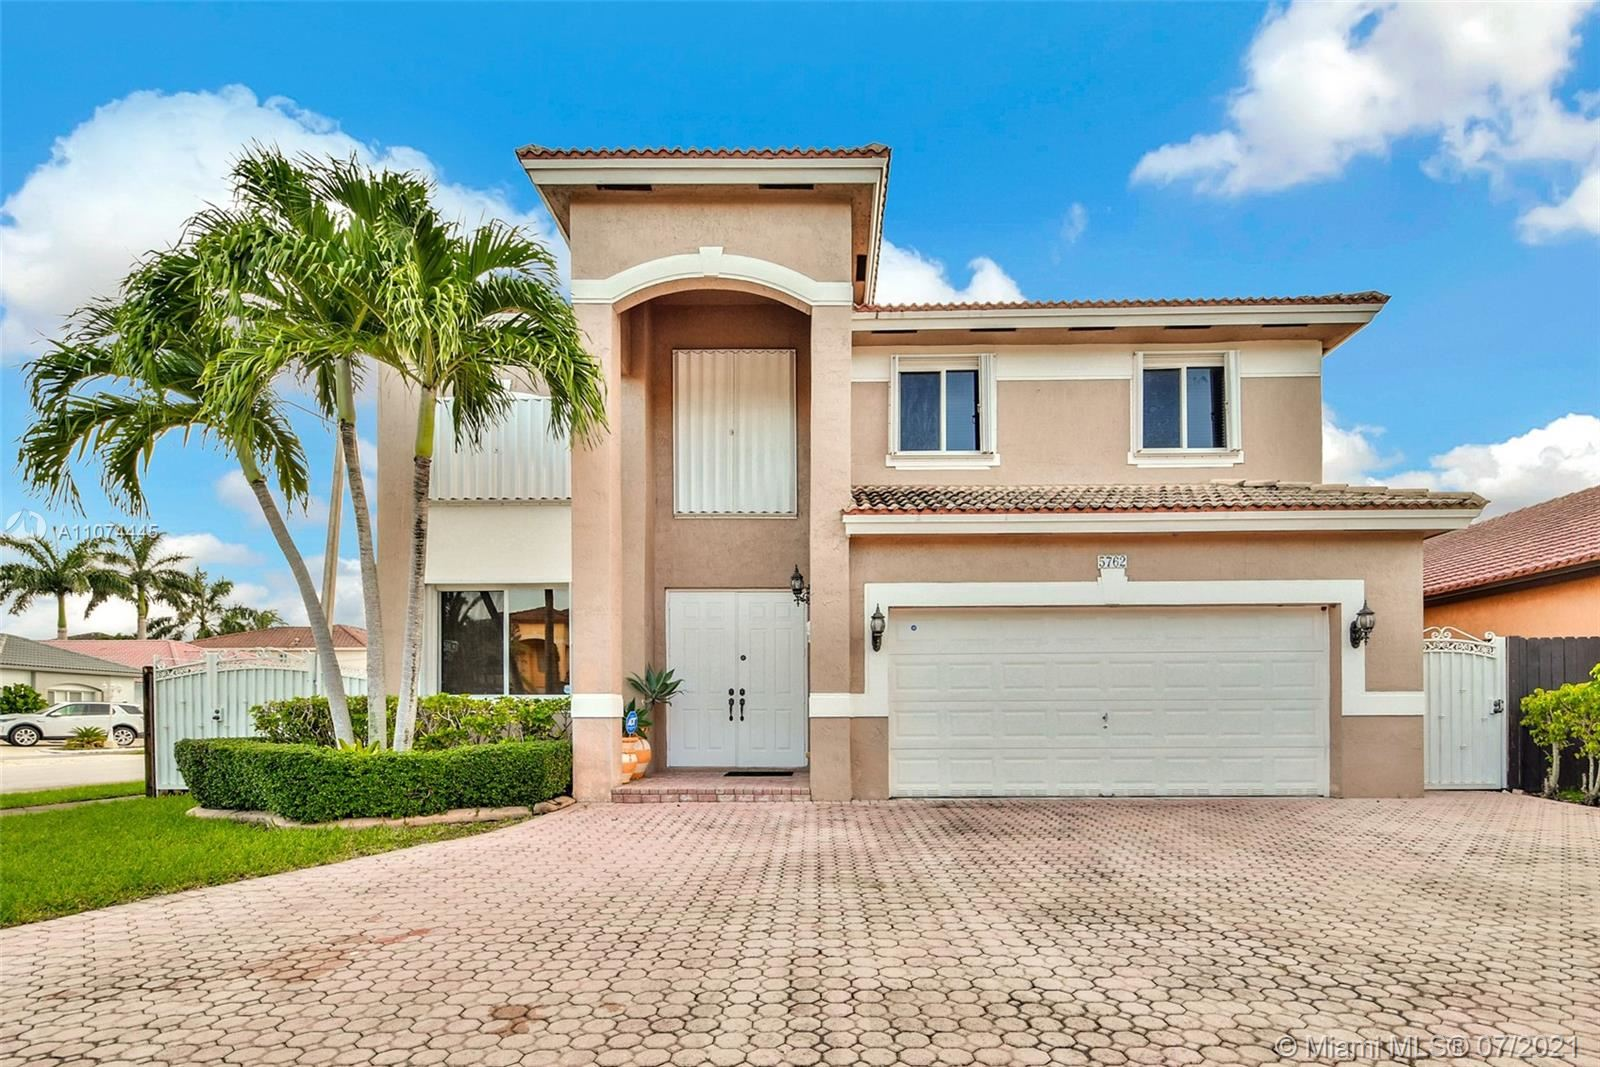 5762 SW 165th Ct, Miami, FL 33193 - #: A11074445